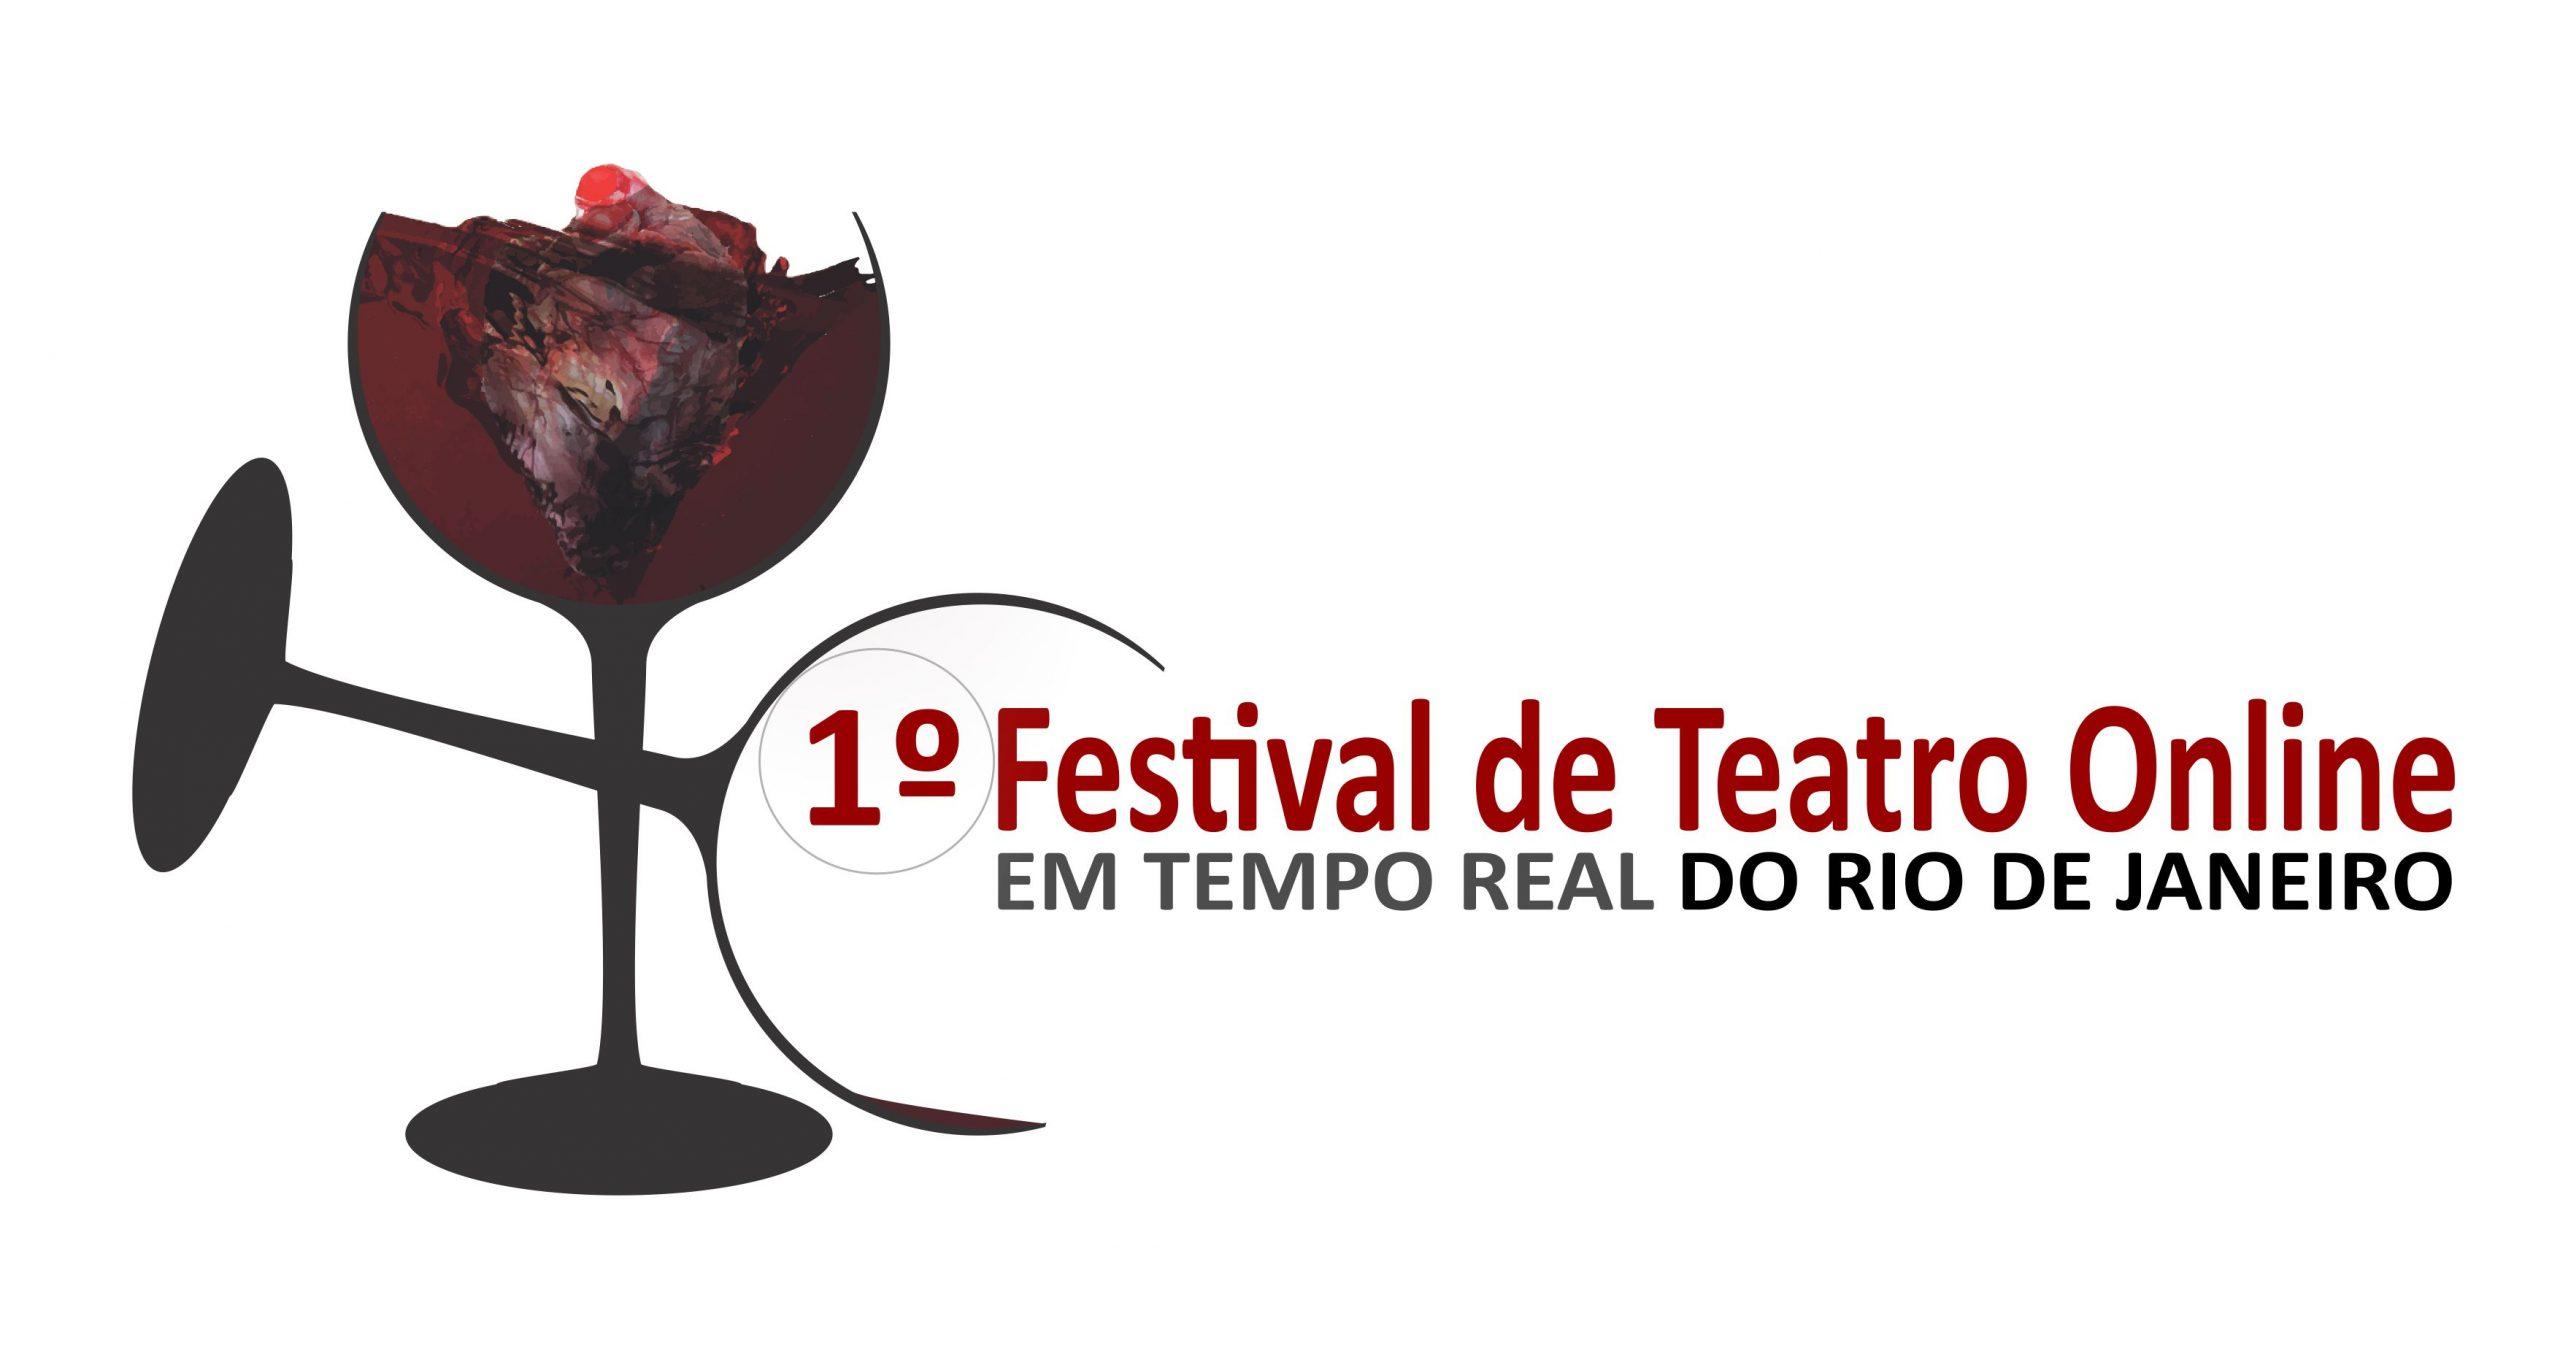 Evento realizado pela Cia Banquete Cultural, tem o objetivo de promover uma nova linguagem para o teatro brasileiro, em tempos de pandemia(Divulgação)